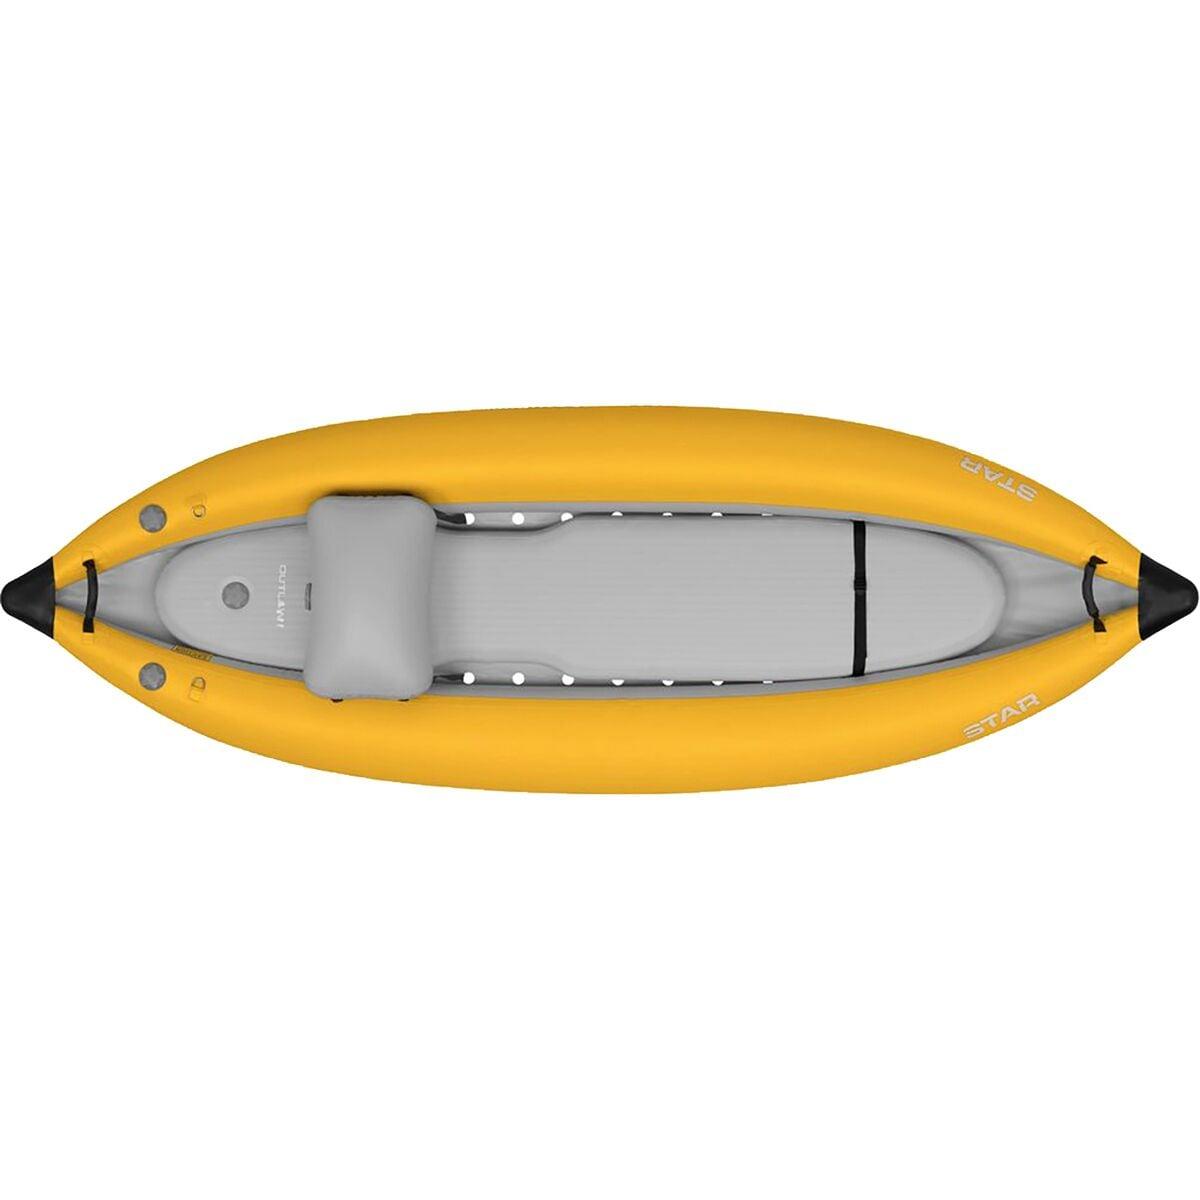 Star Outlaw Inflatable Kayak Yellow, I